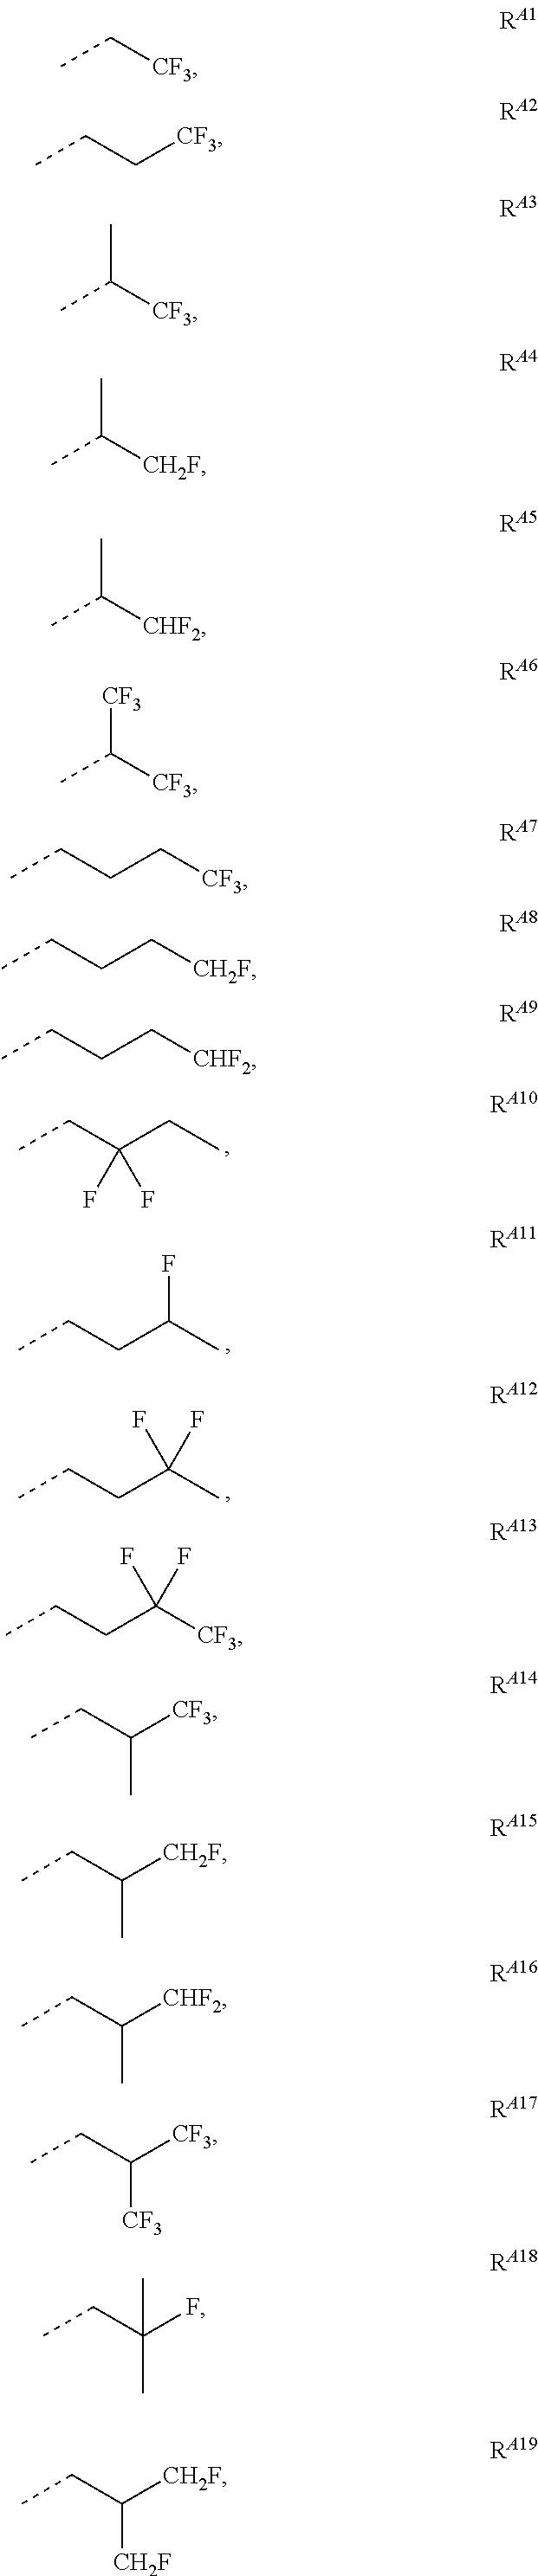 Figure US09859510-20180102-C00010